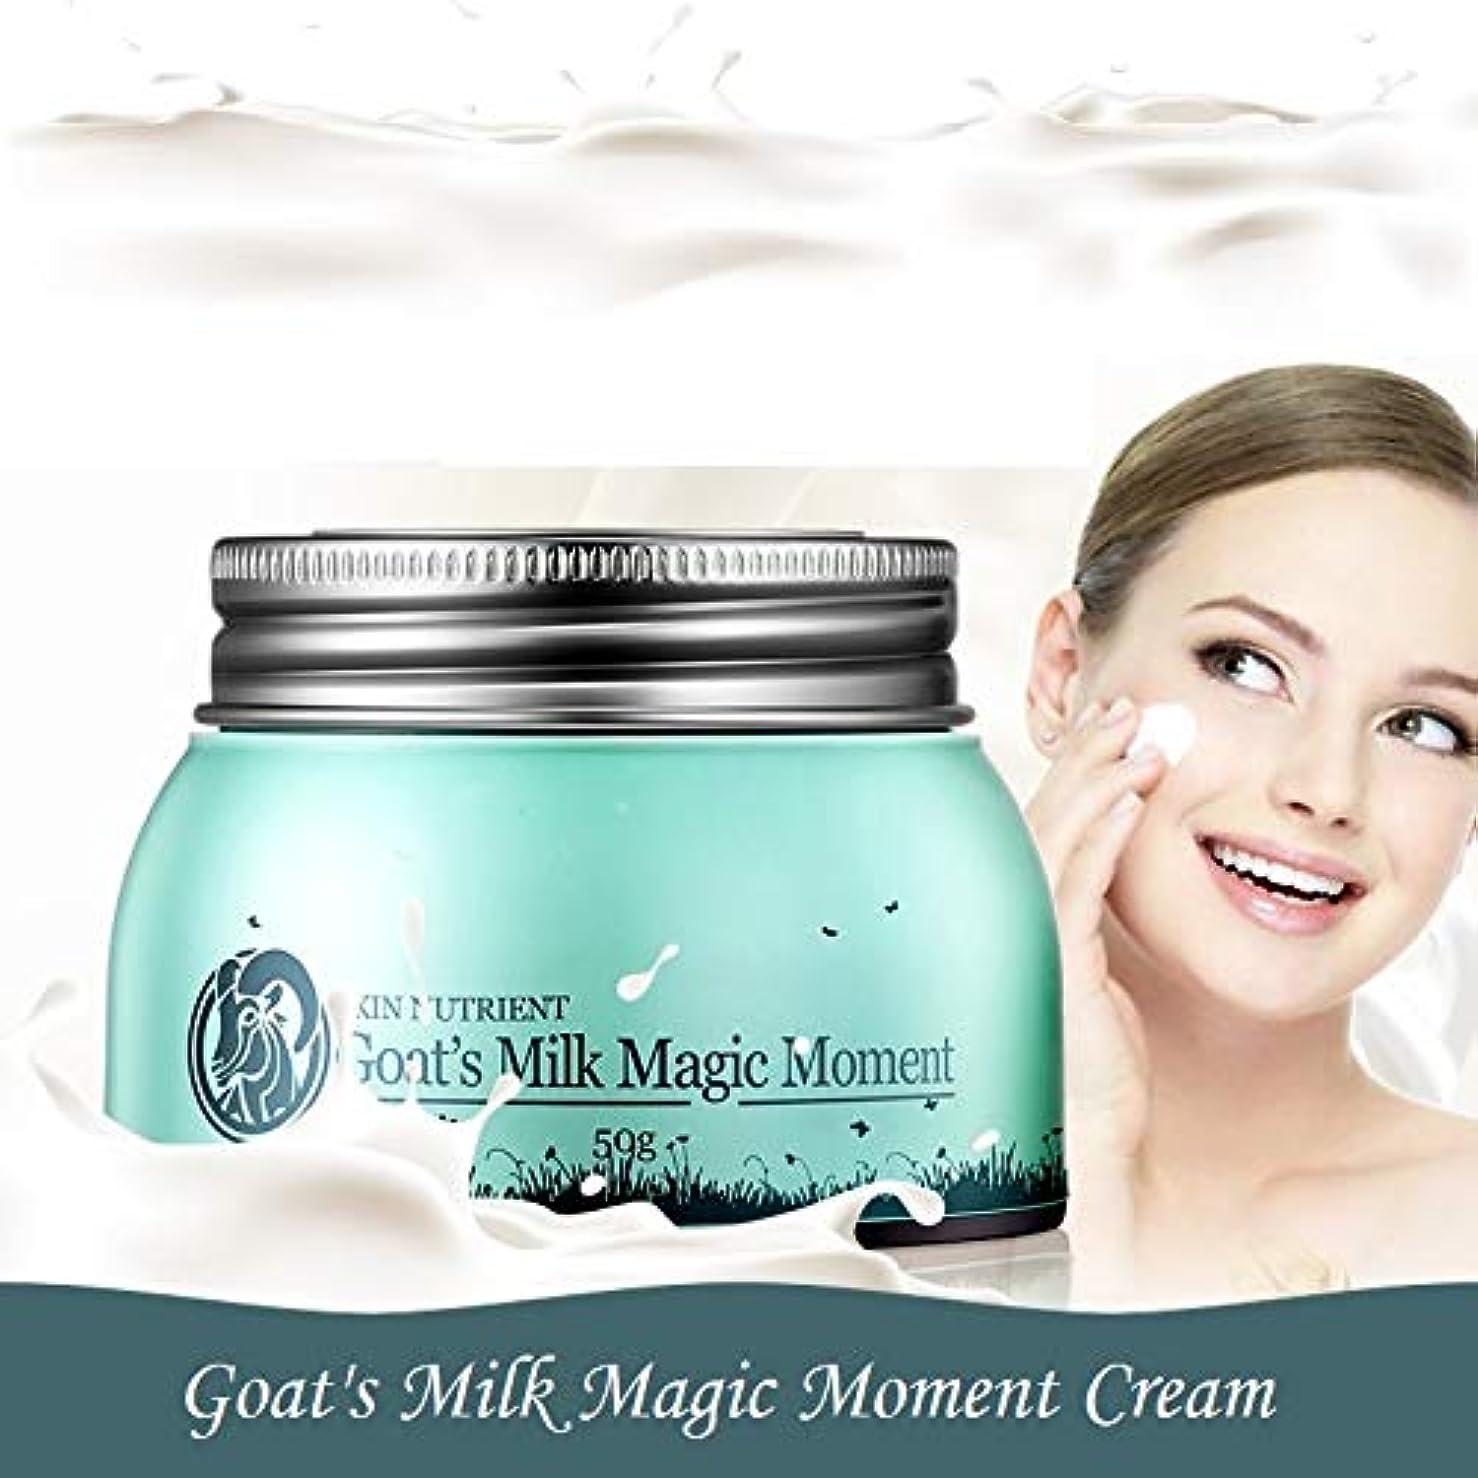 ケイ素韓国語変更可能ラフのための新バージョン栄養山羊ミルク品質モーメントクリーム栄養スーパーモイスチャライジングフェイスボディクリーム